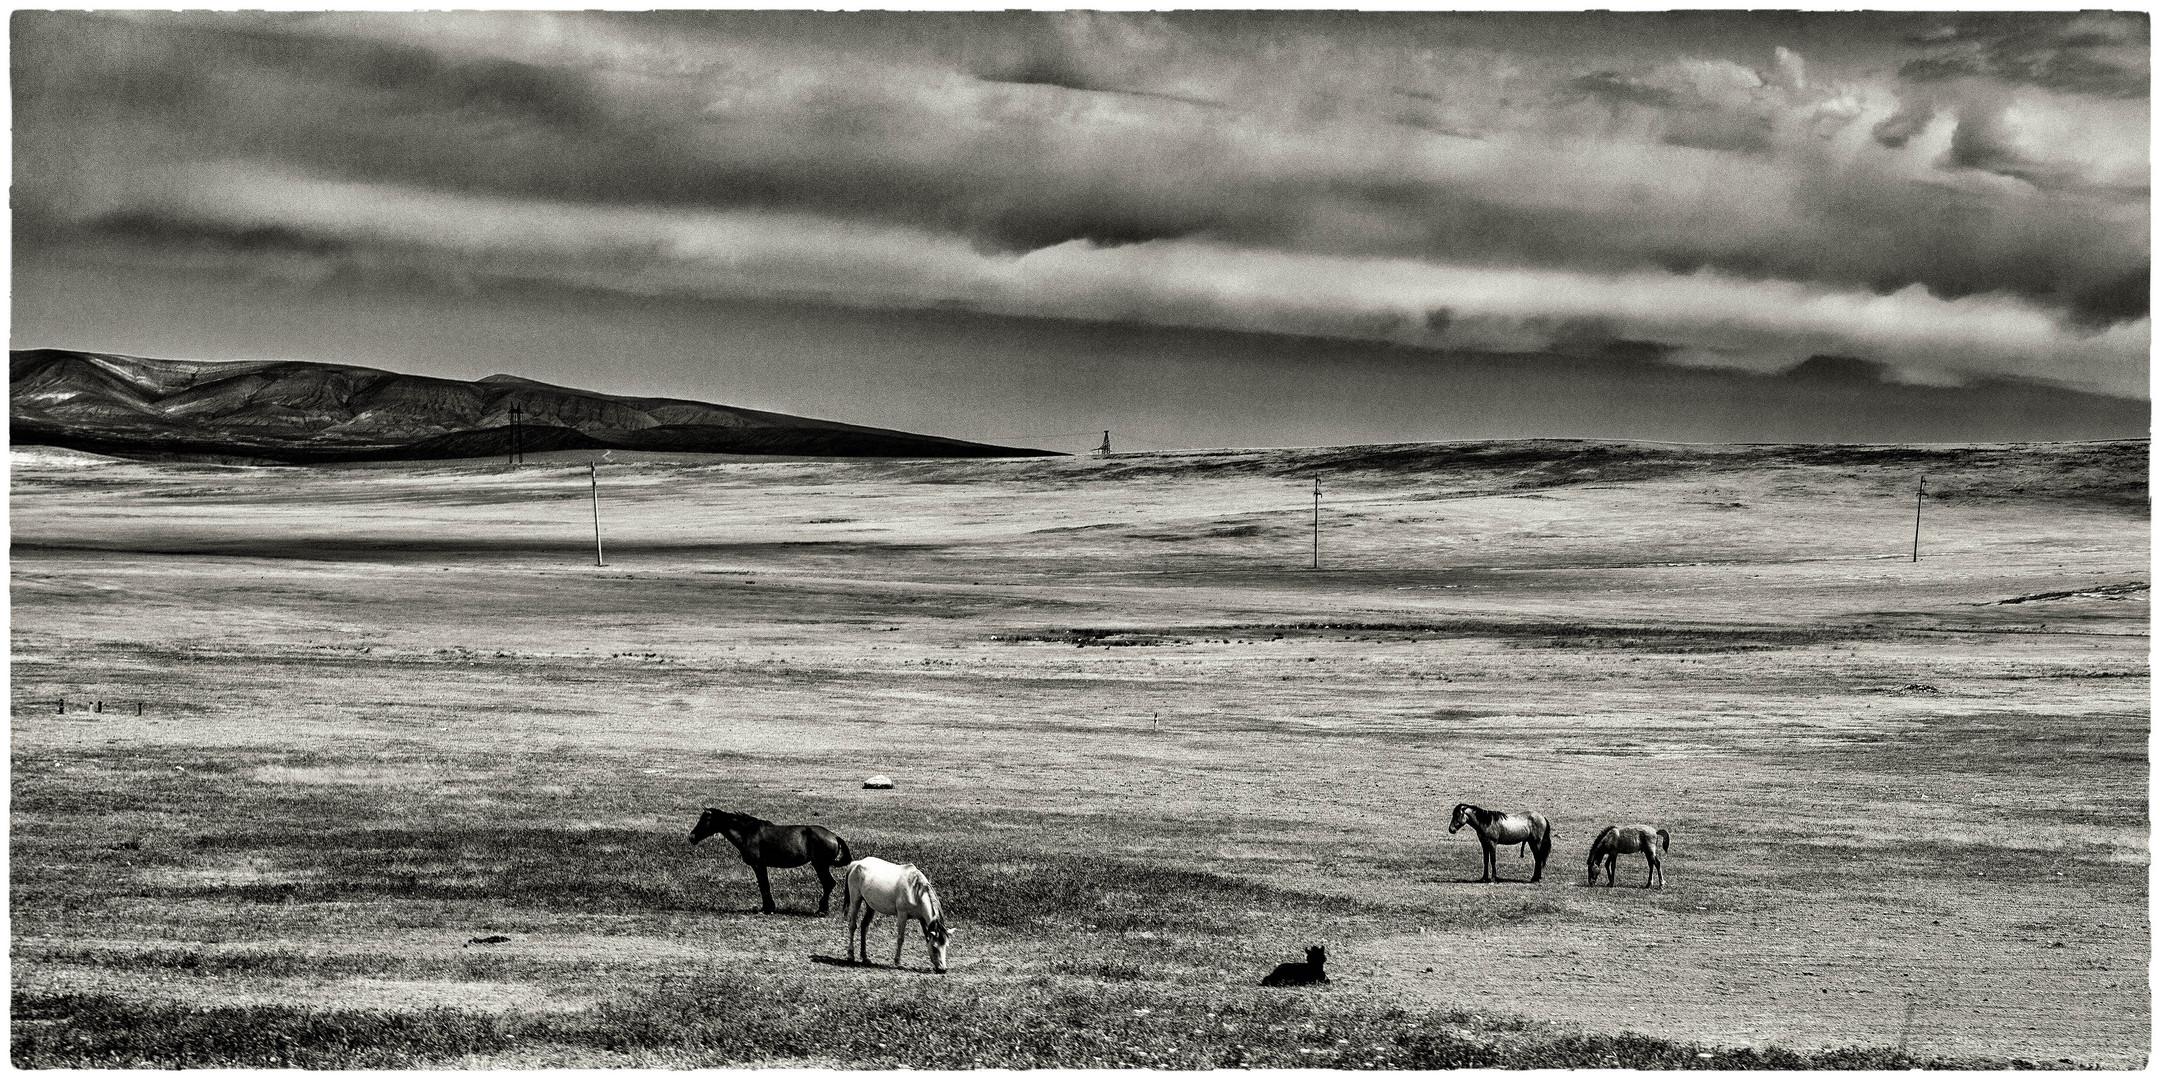 CAUCASUS: desert horses